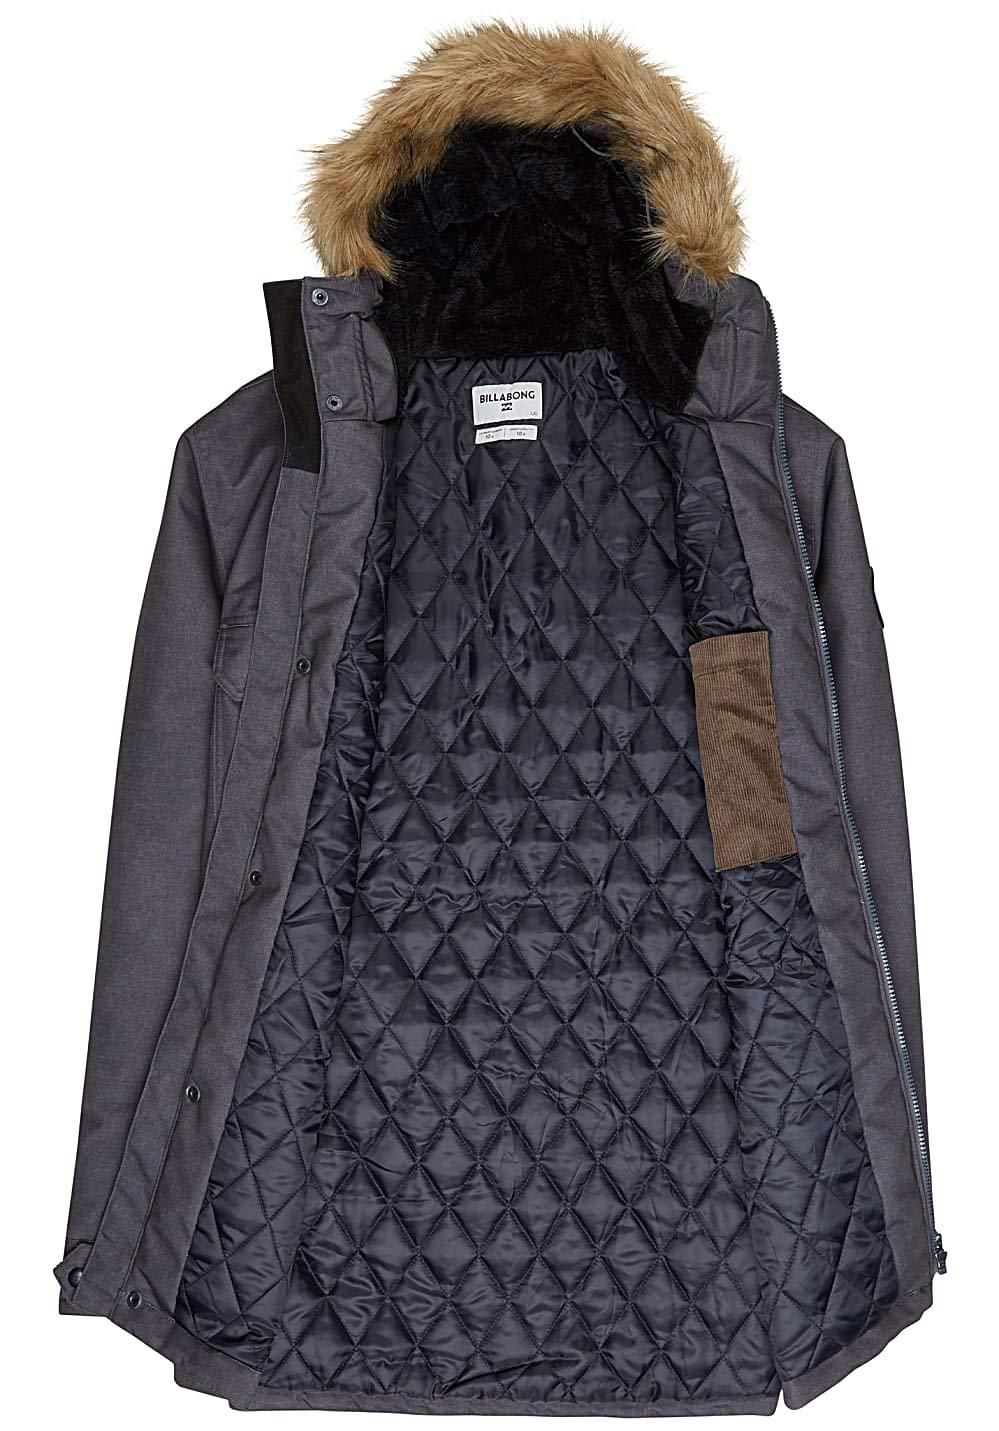 BILLABONG Olca 10k Jacket Chaqueta, Hombre: Amazon.es: Deportes y aire libre